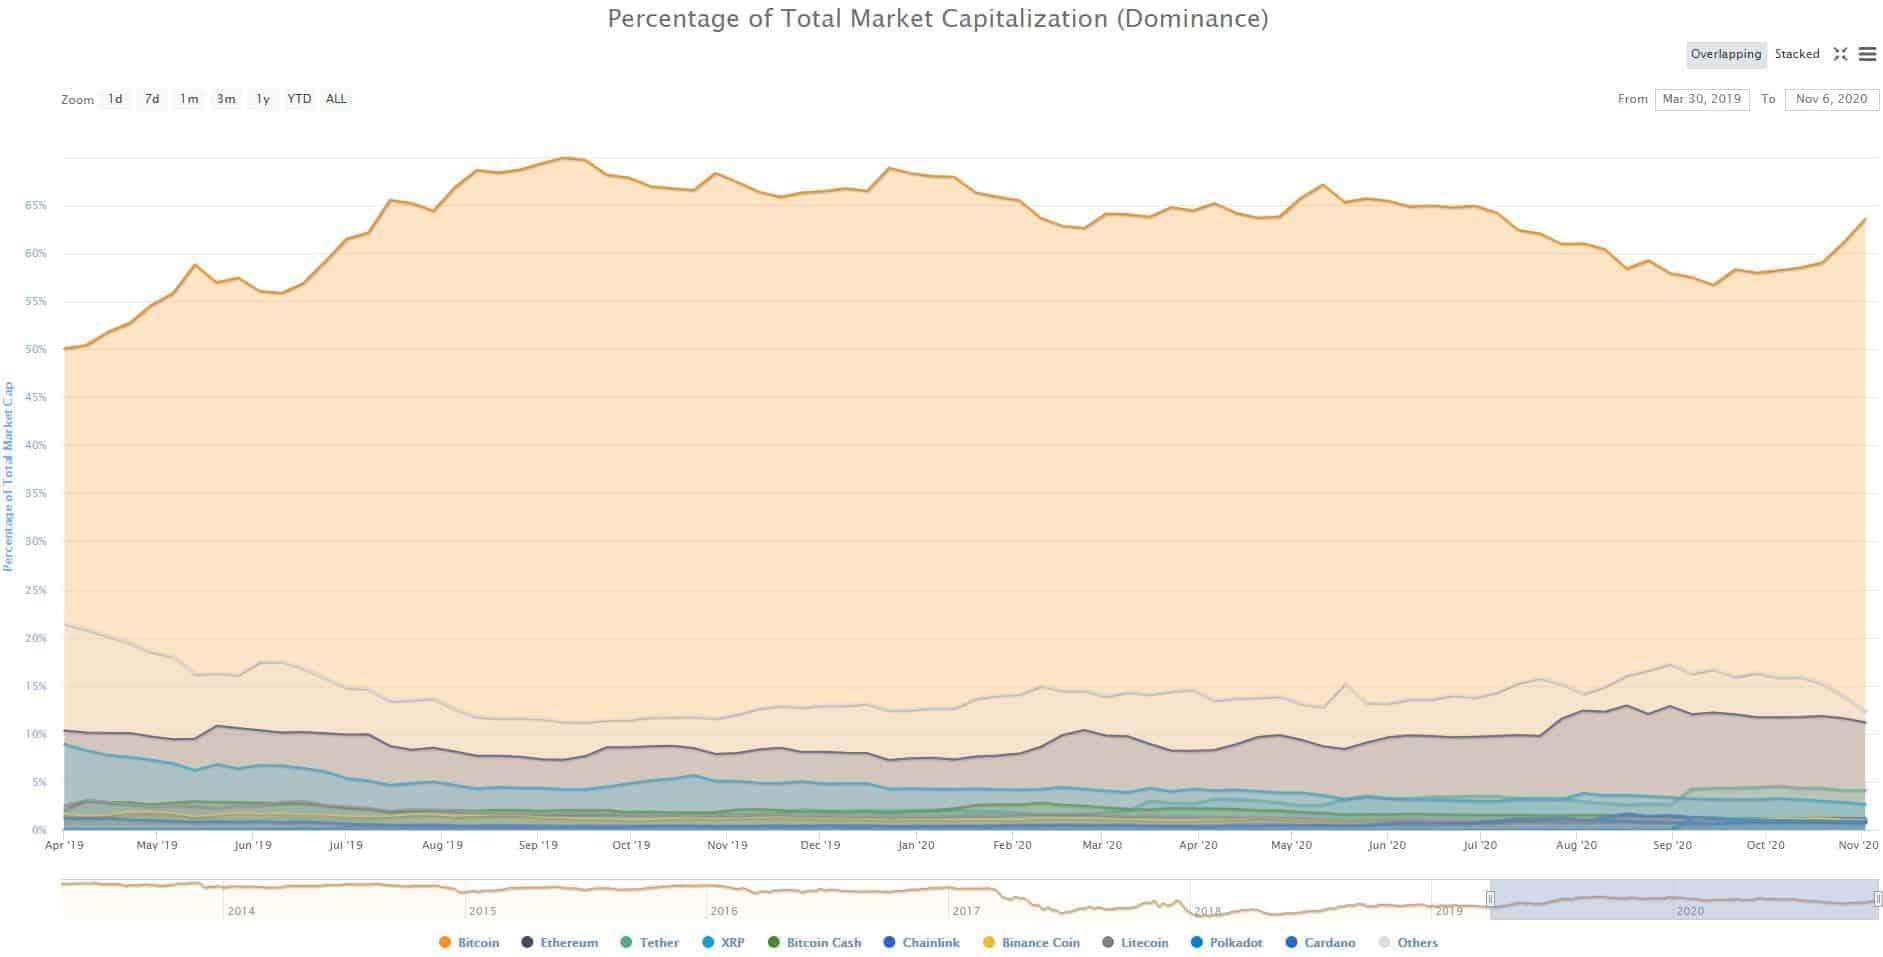 Bitcoins Vs. Altcoins Market Dominance Mar 2019 - Nov 2020. Source: CoinMarketCap